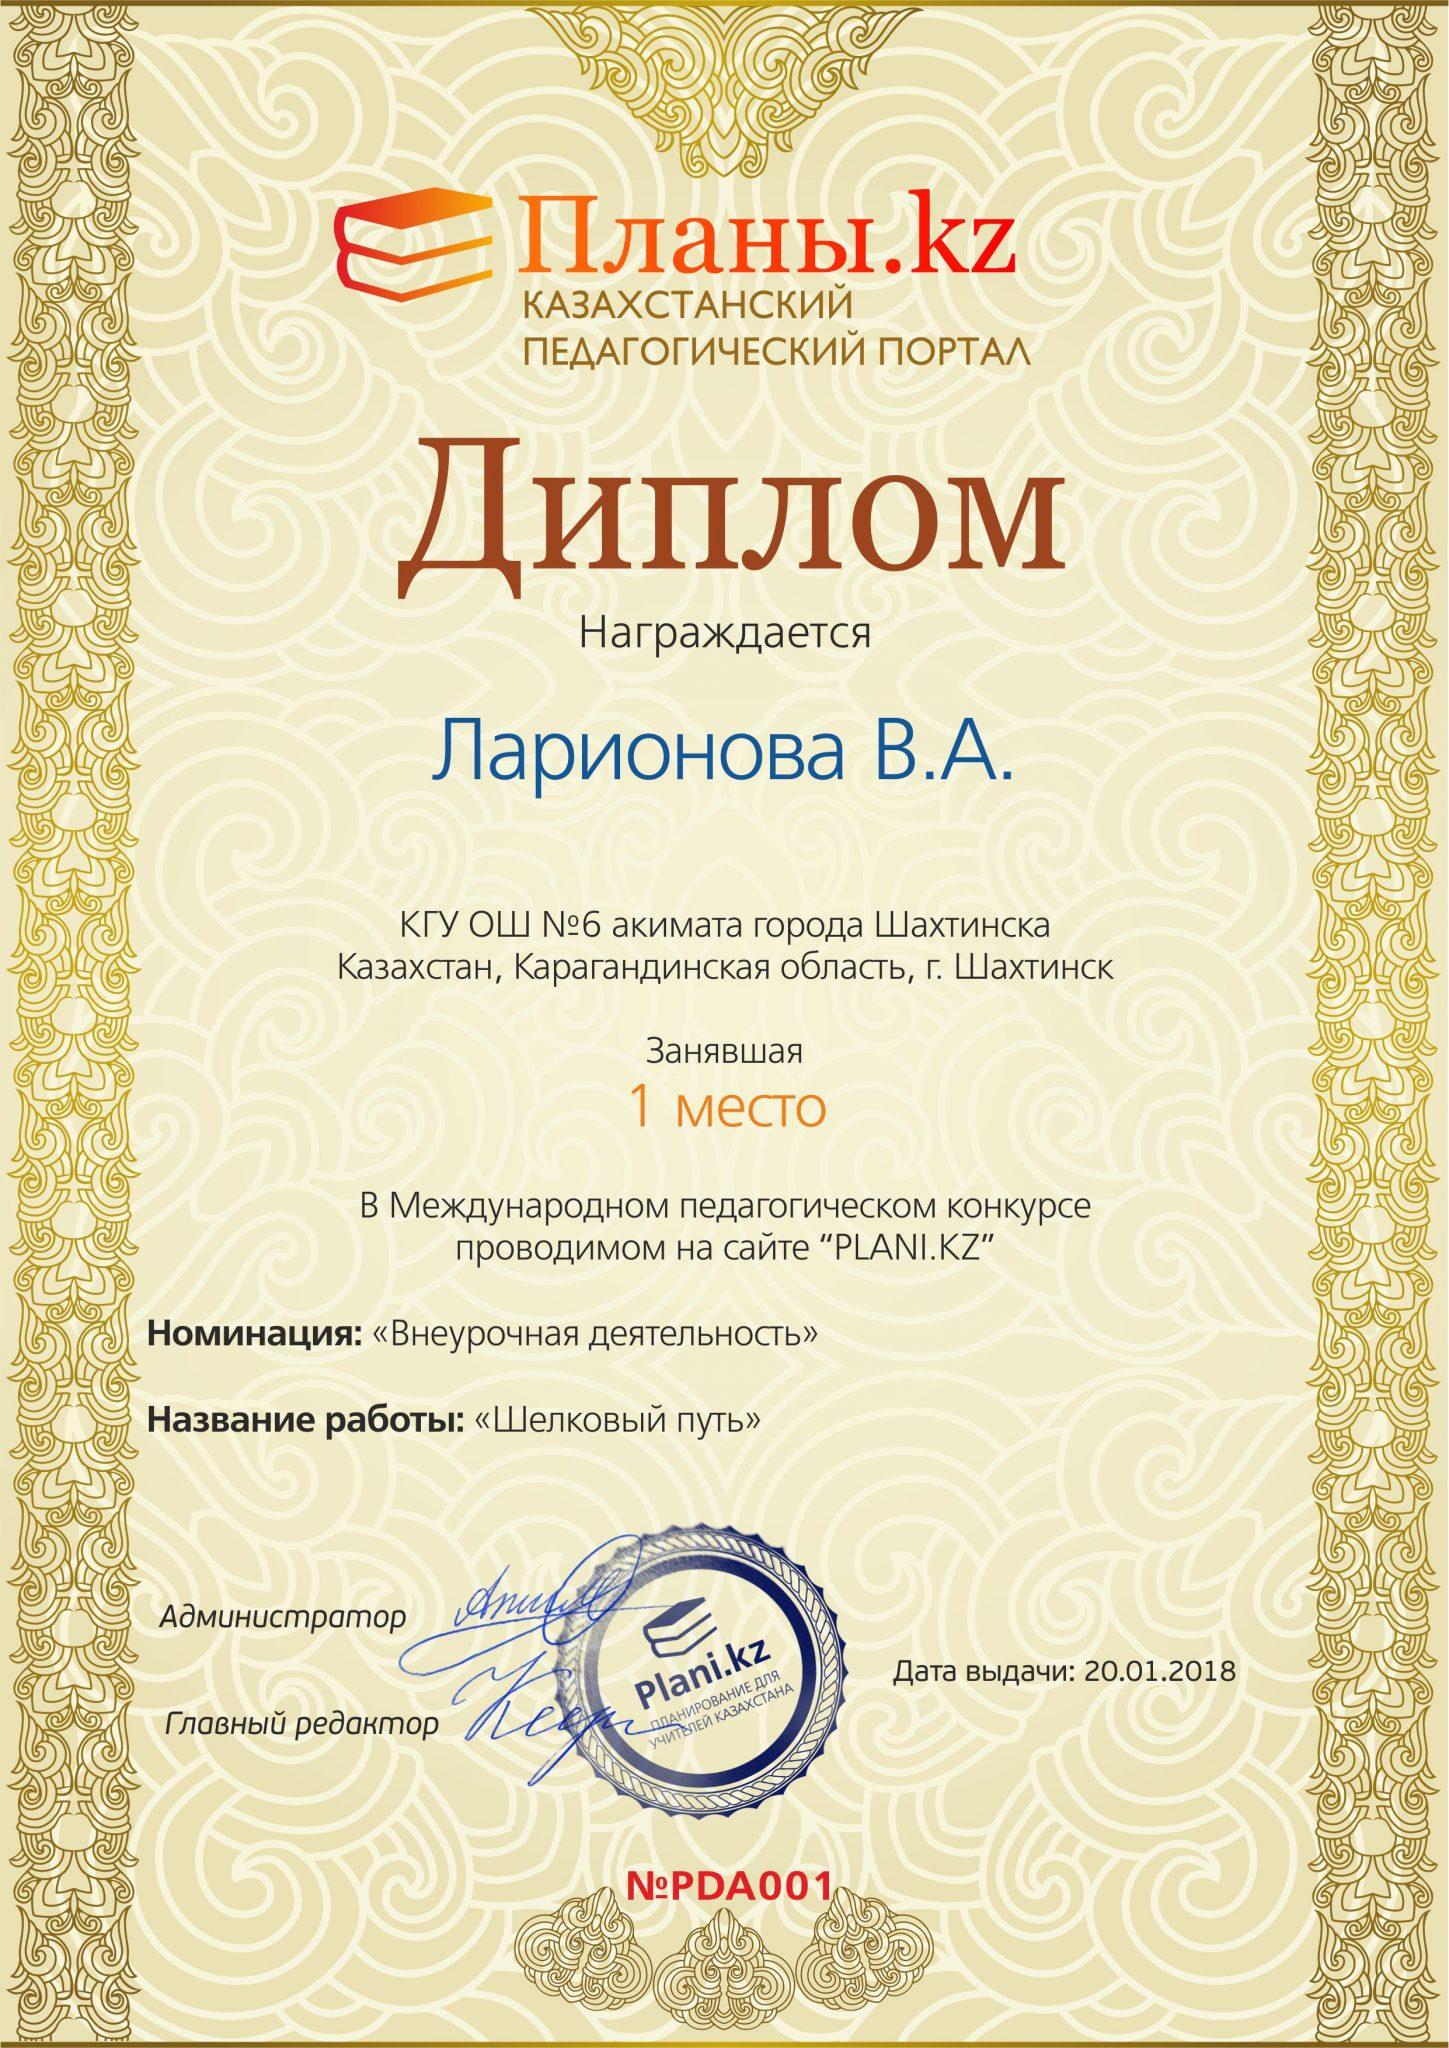 Диплом Казахстанский педагогический портал Диплом учителя